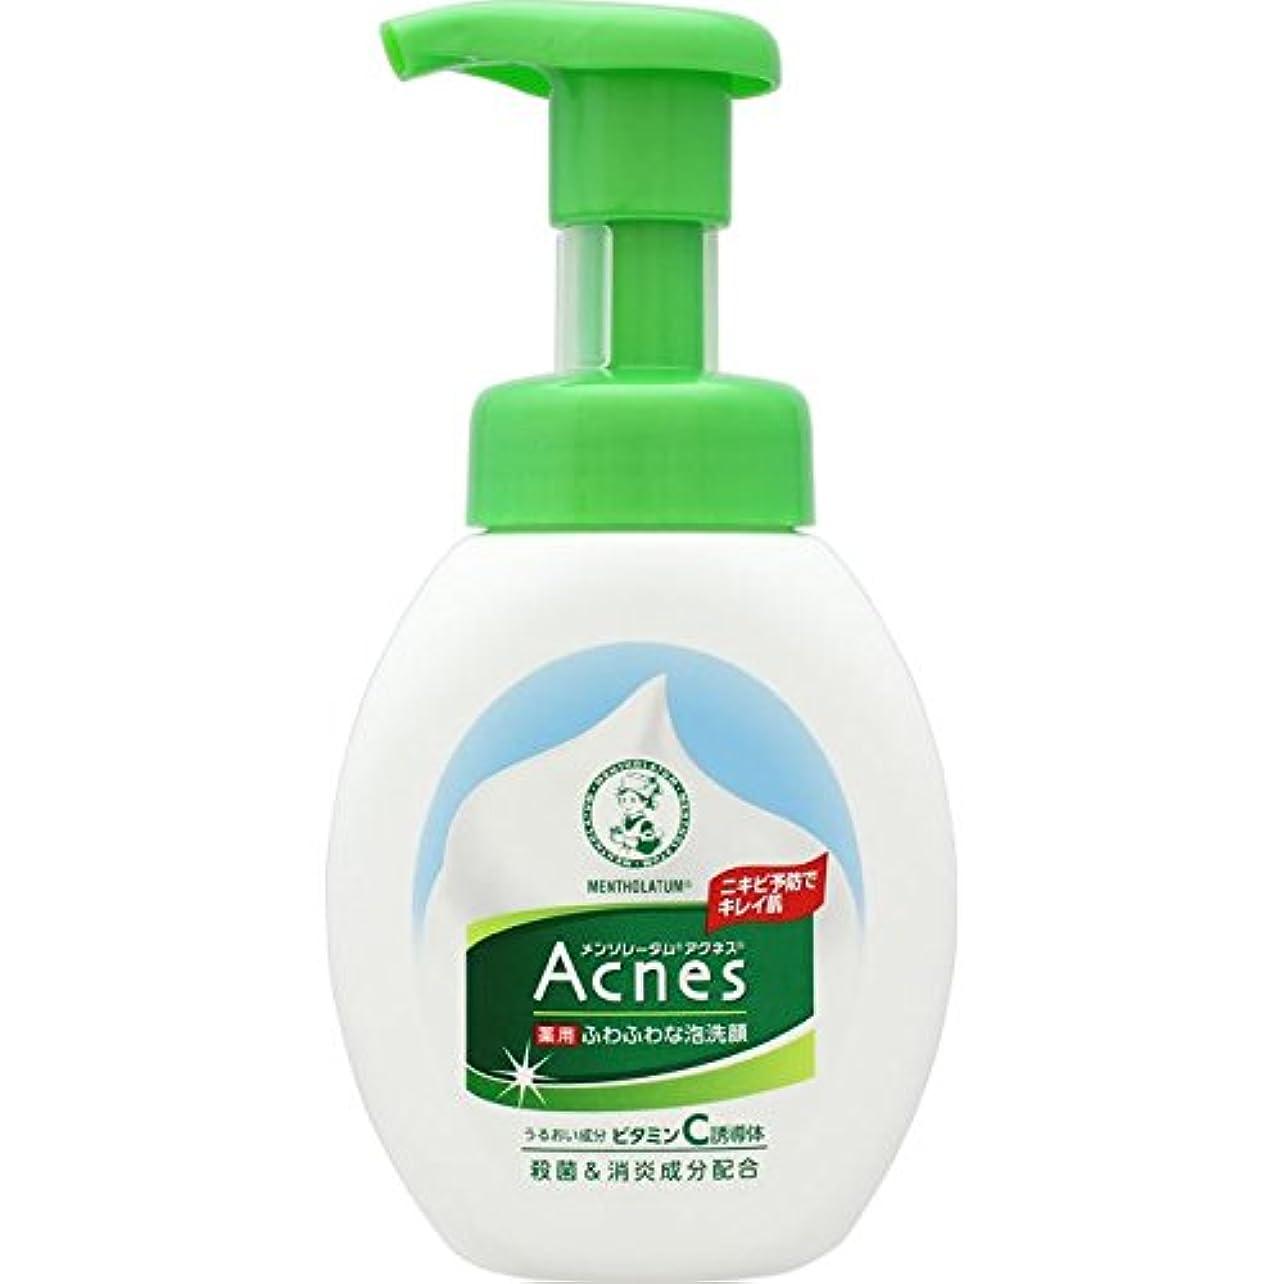 好戦的な匿名バインドAcnes(アクネス) 薬用ふわふわな泡洗顔 160mL【医薬部外品】